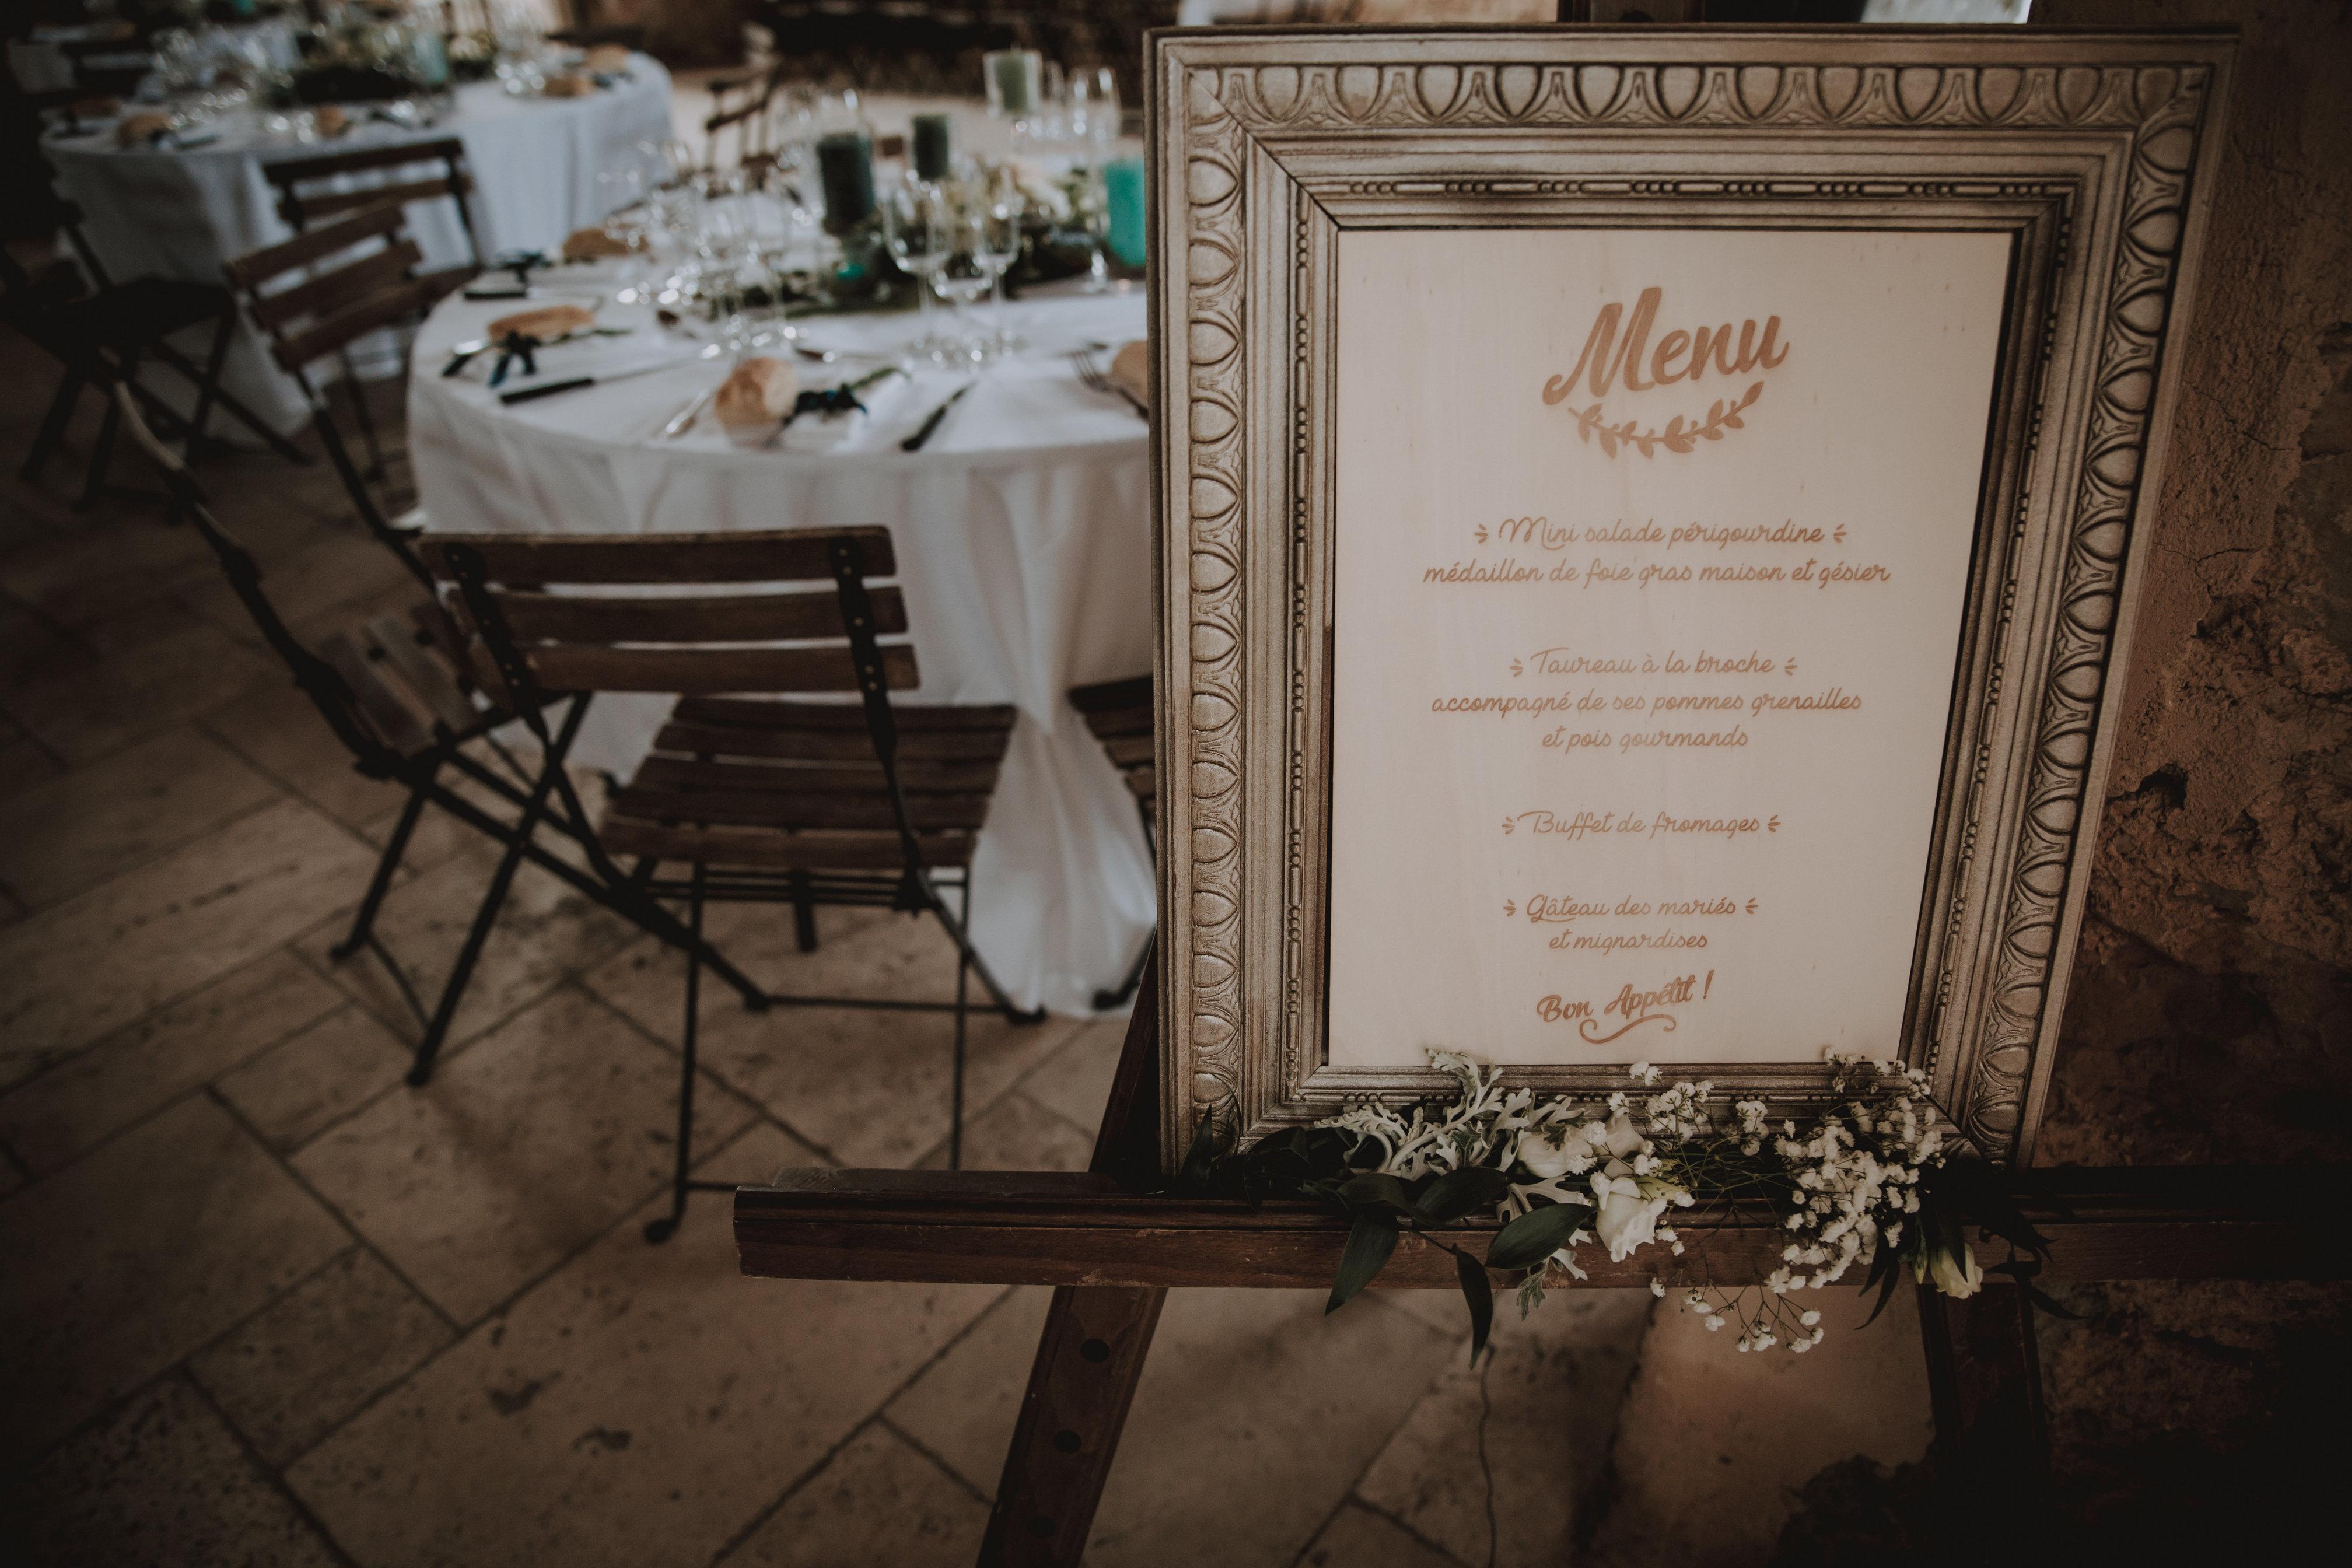 Tableau du menu et décoration